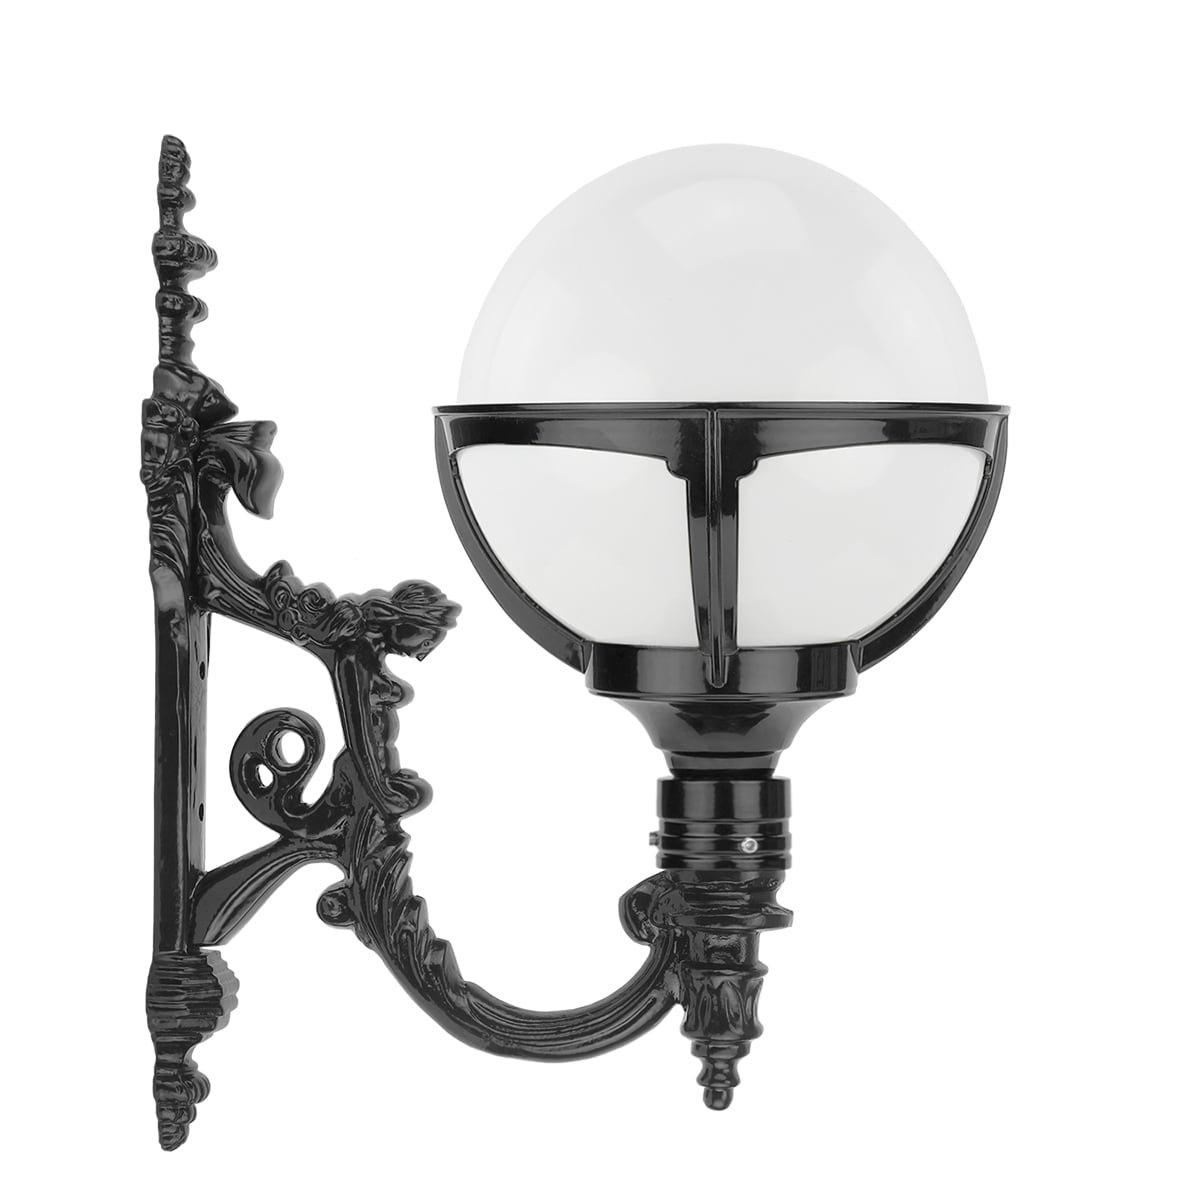 Outdoor Lamps Classic Rural Sphere wall lighting opal Koolwijk - 58 cm